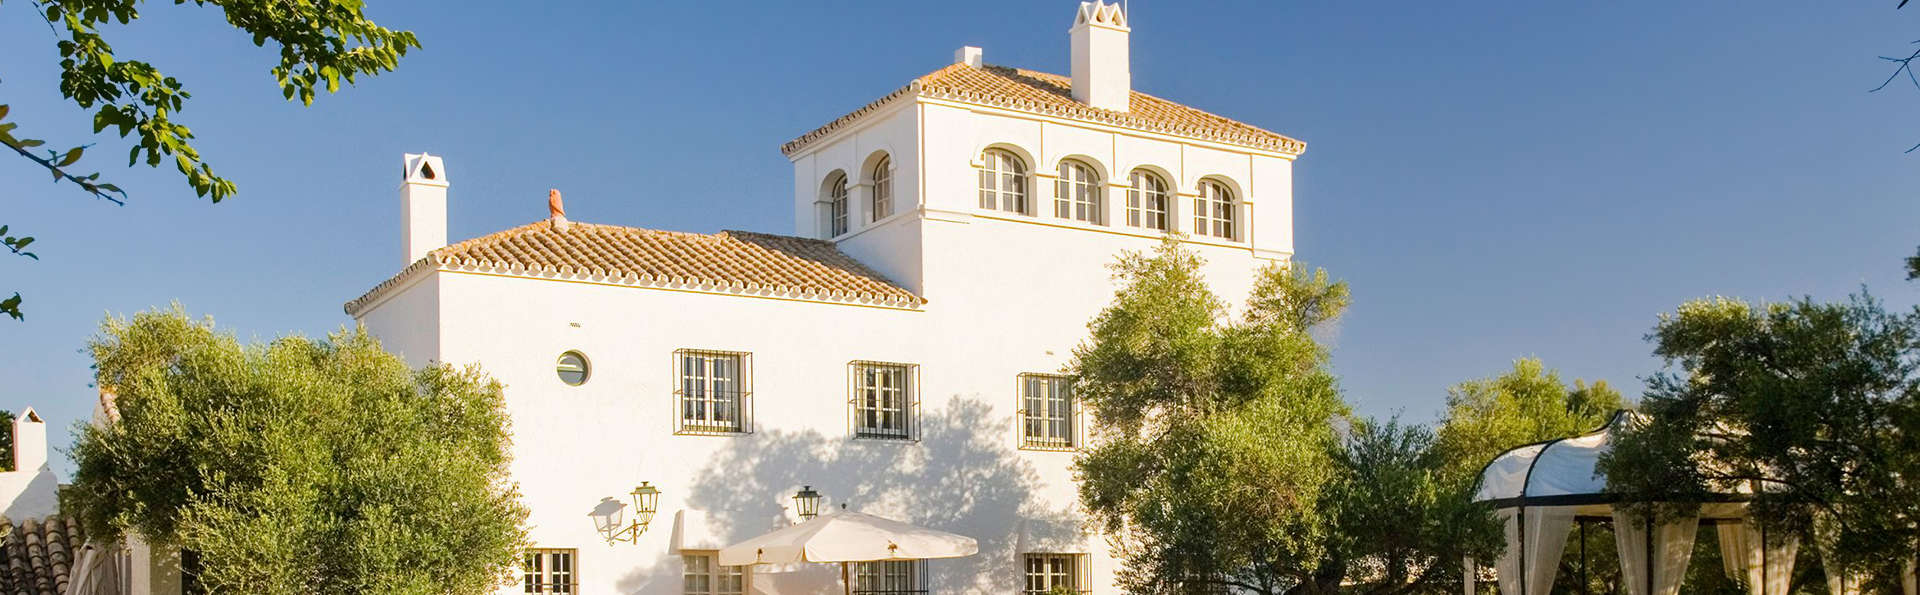 Arcos Golf Hotel Cortijo y Villas - EDIT_front.jpg